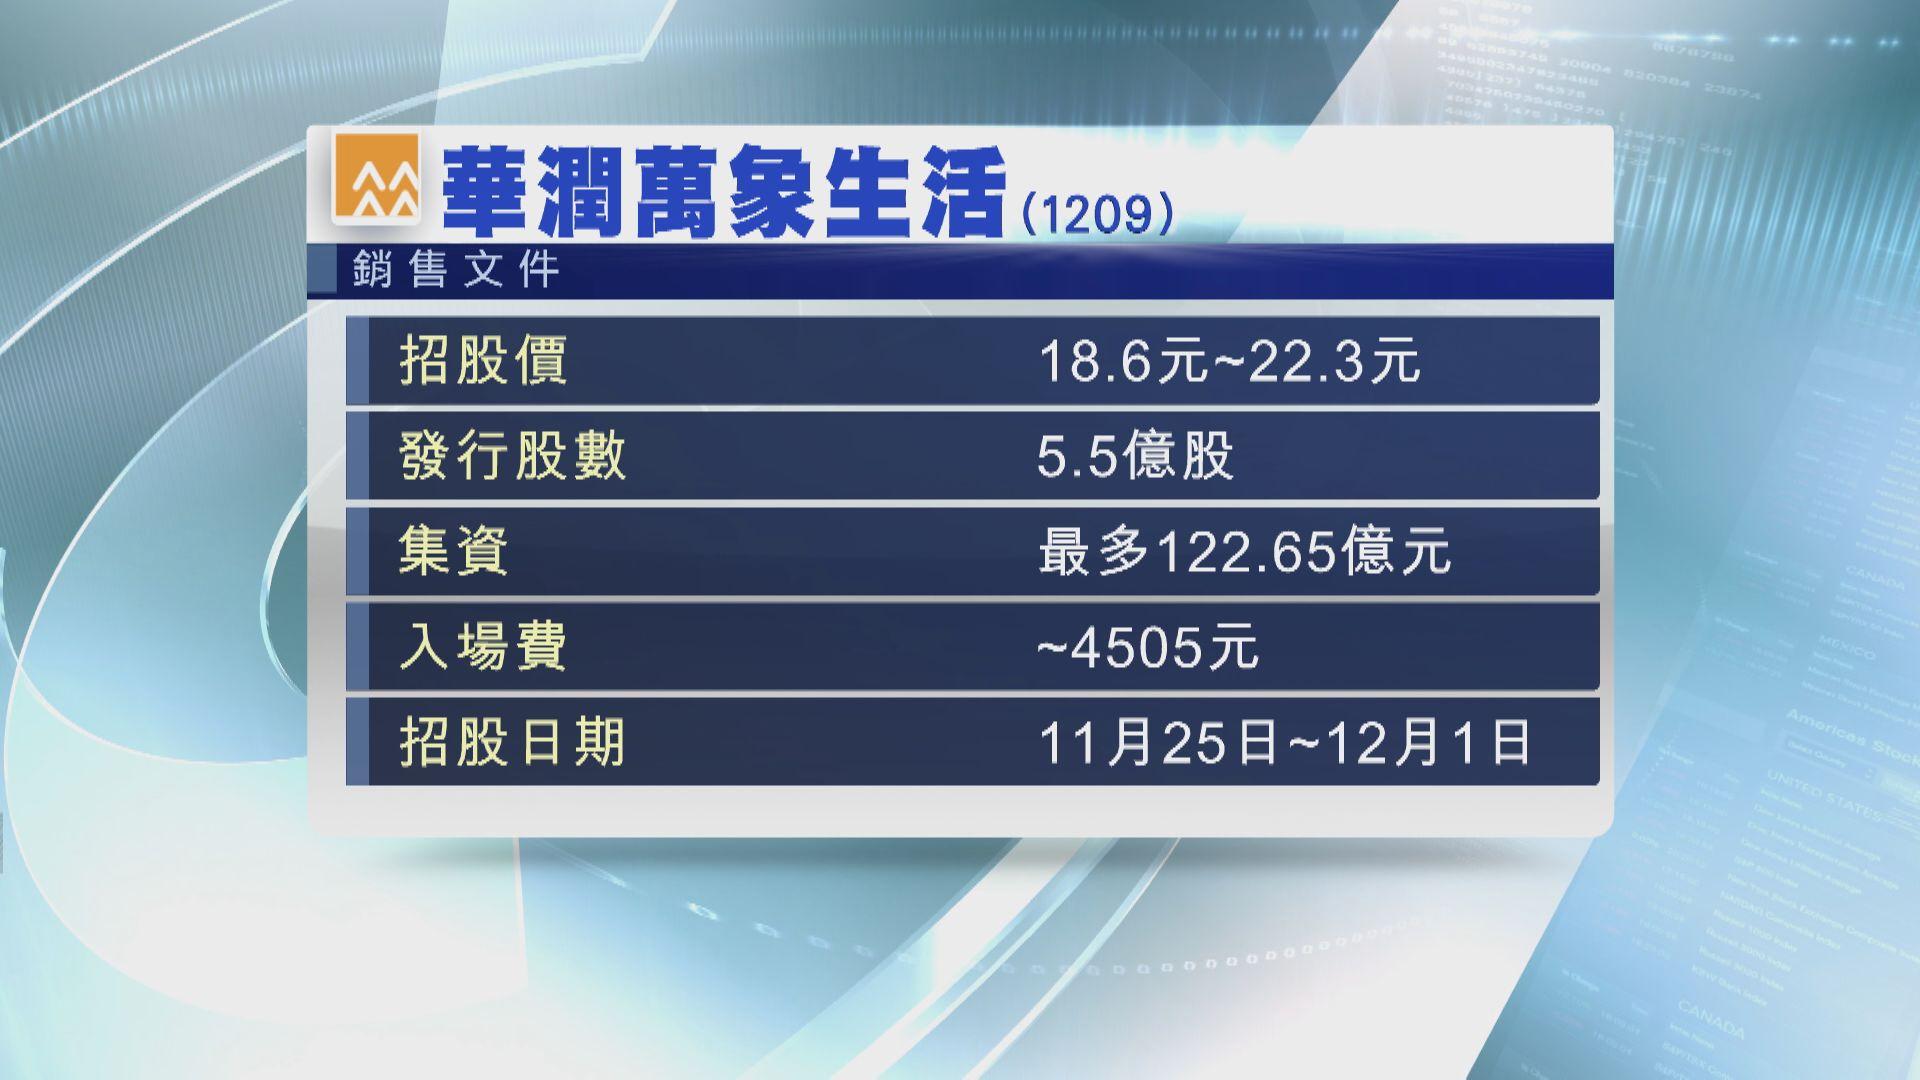 華潤萬象生活明招股 傳京東物流擬明年上市